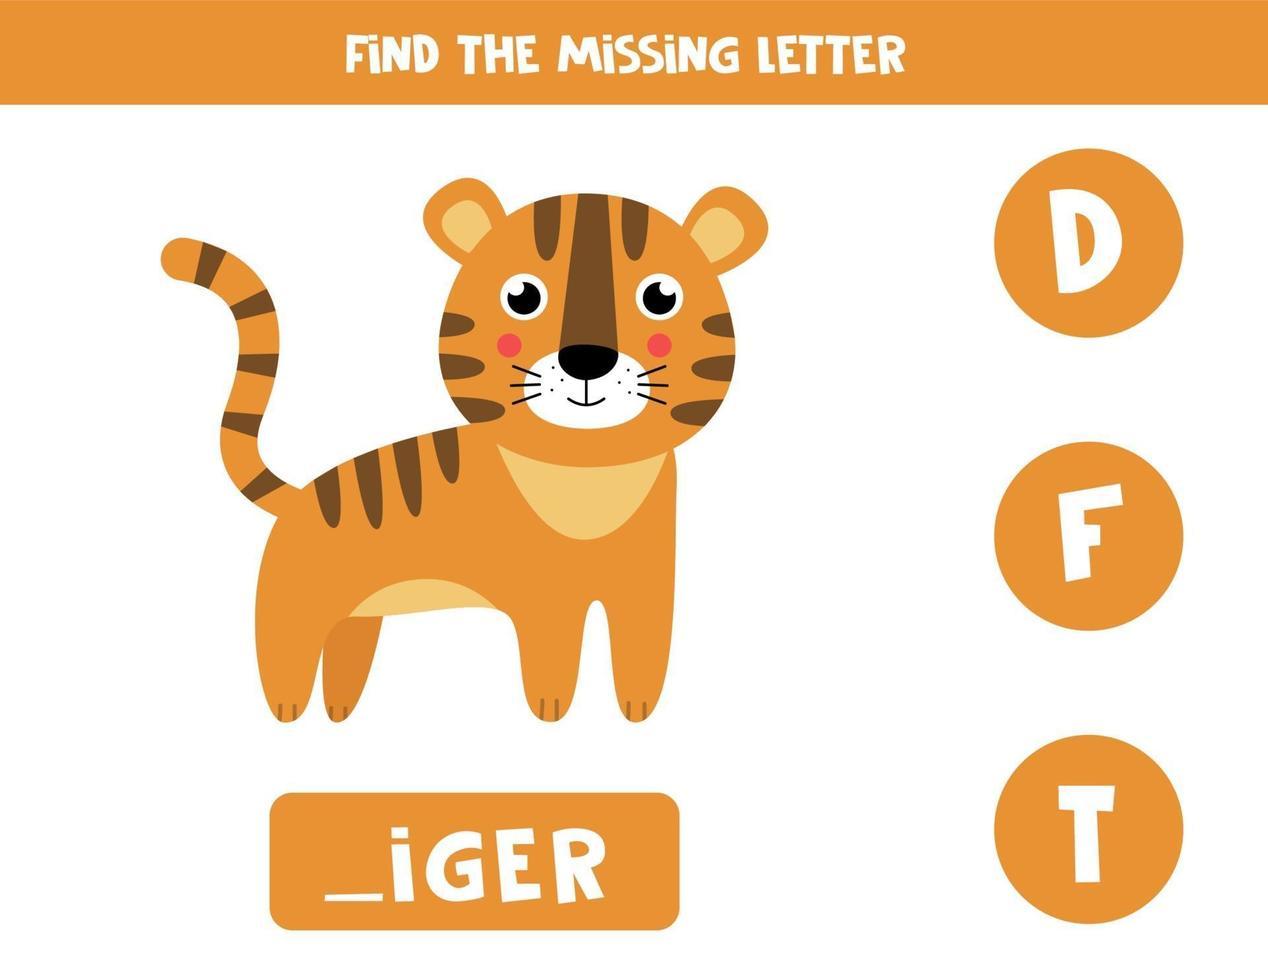 trova la lettera mancante e scrivila. tigre simpatico cartone animato. vettore